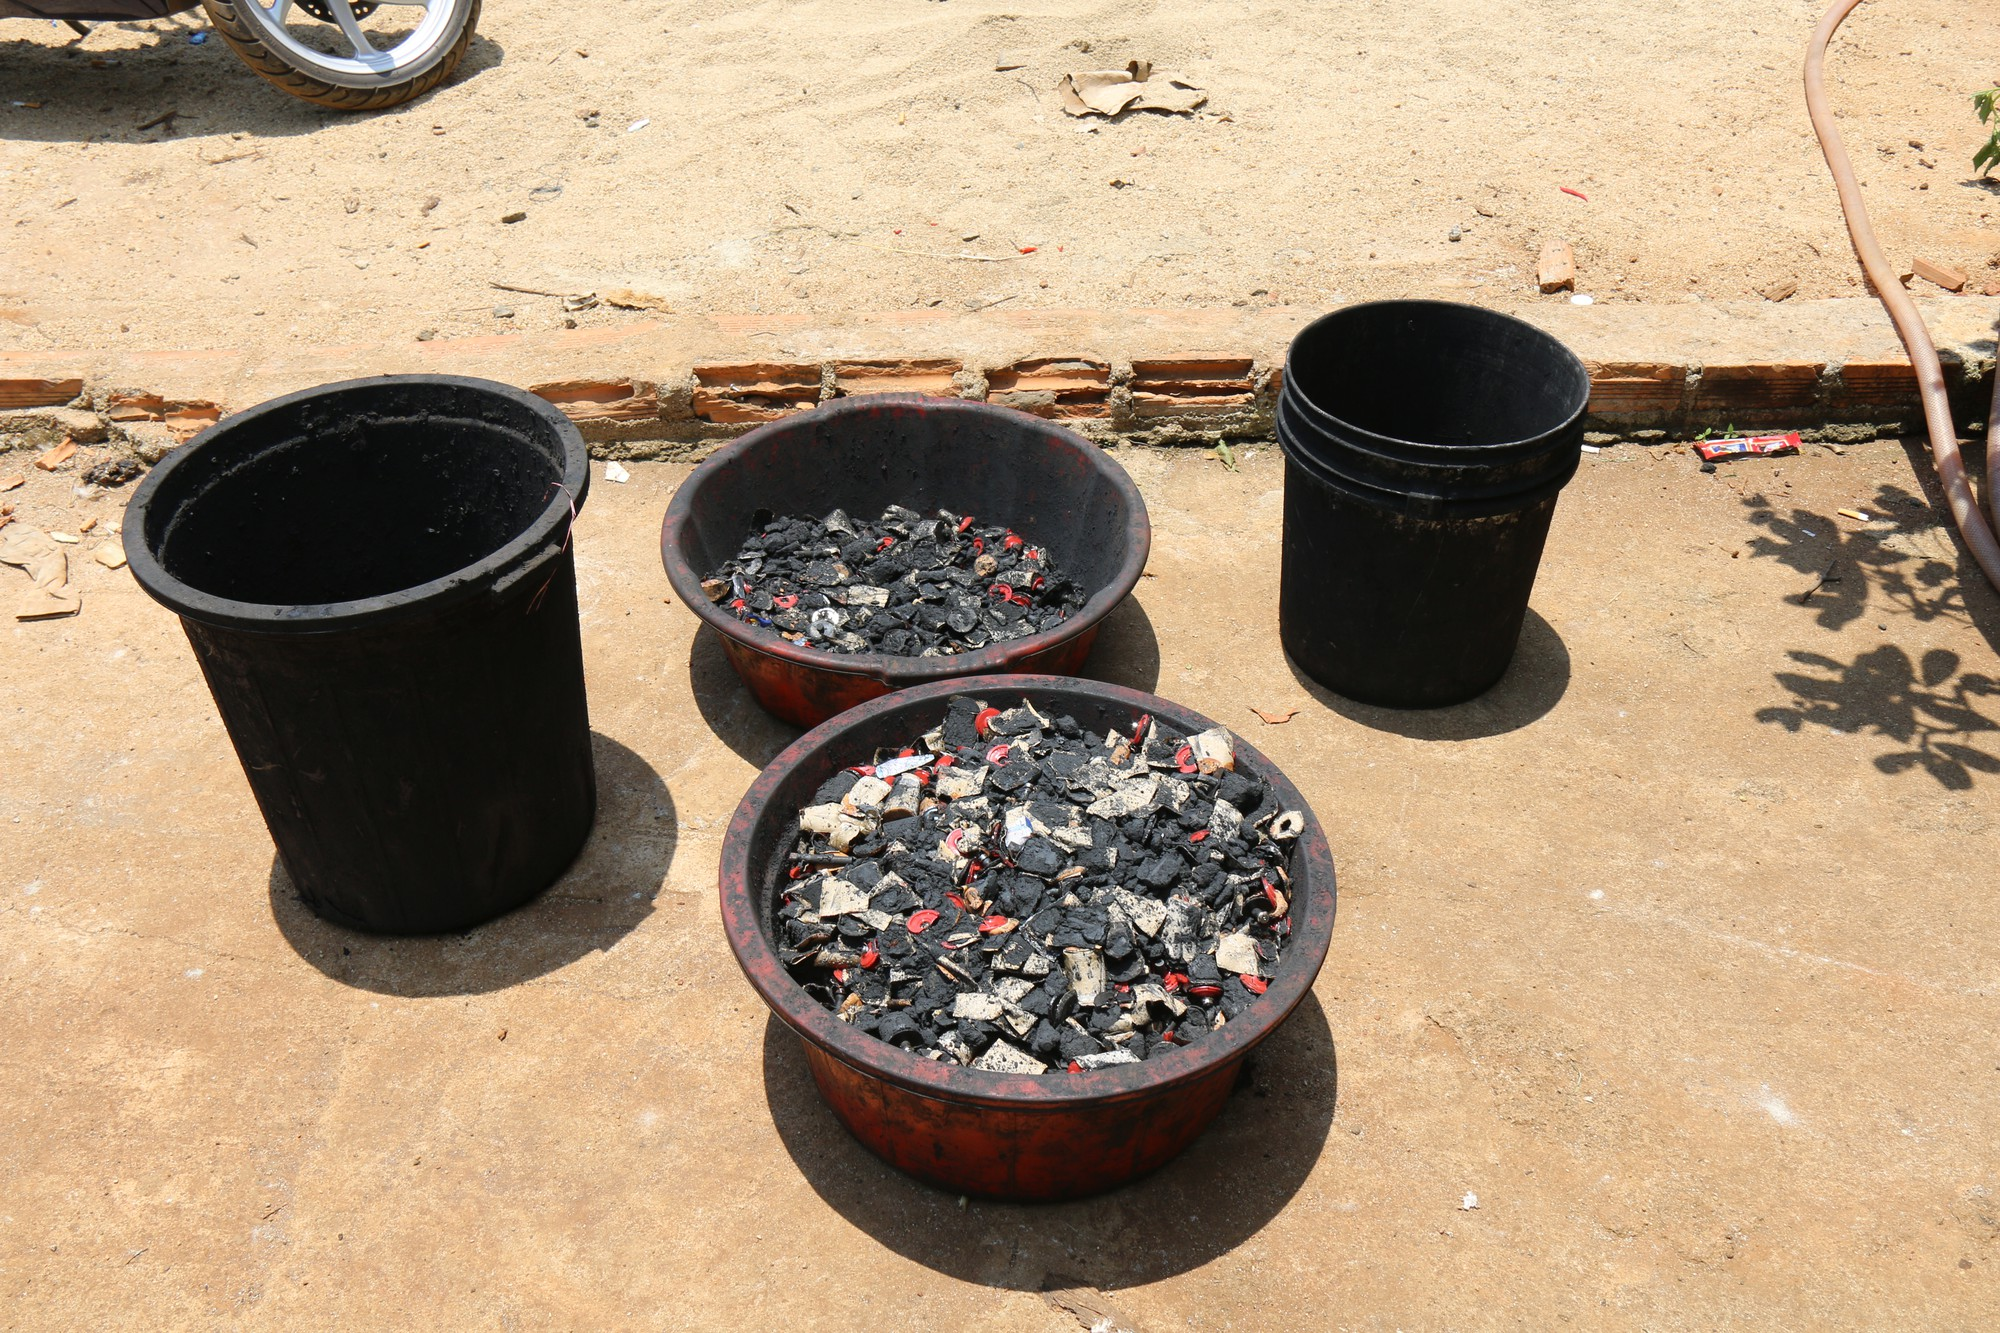 Ớn lạnh khi xem cách sản xuất cà phê nhuộm than pin - Ảnh 6.